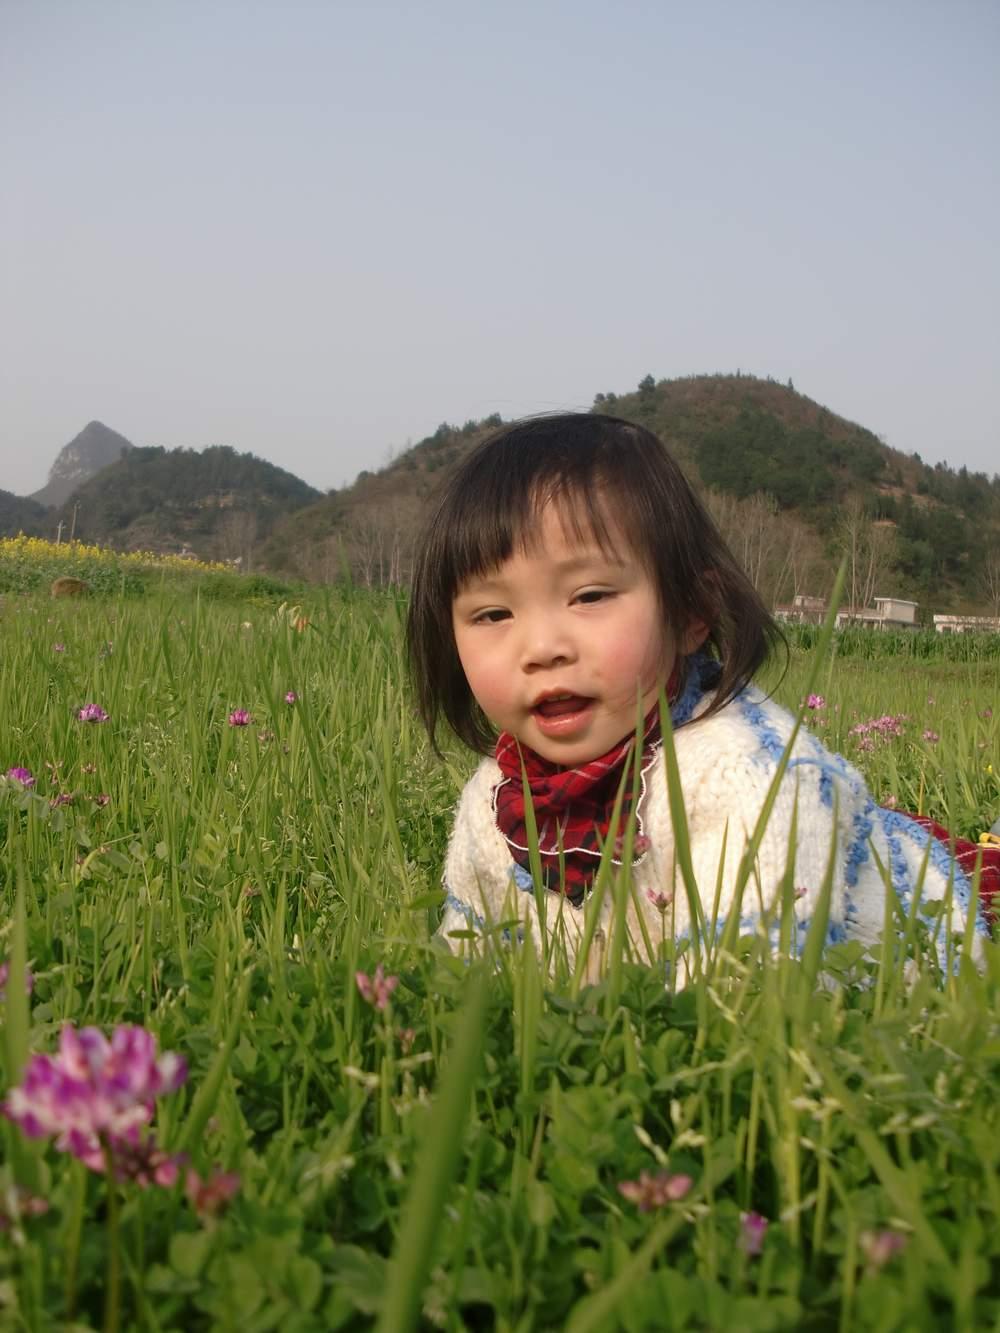 在菜地里找春天 - 深圳房地产信息网论坛